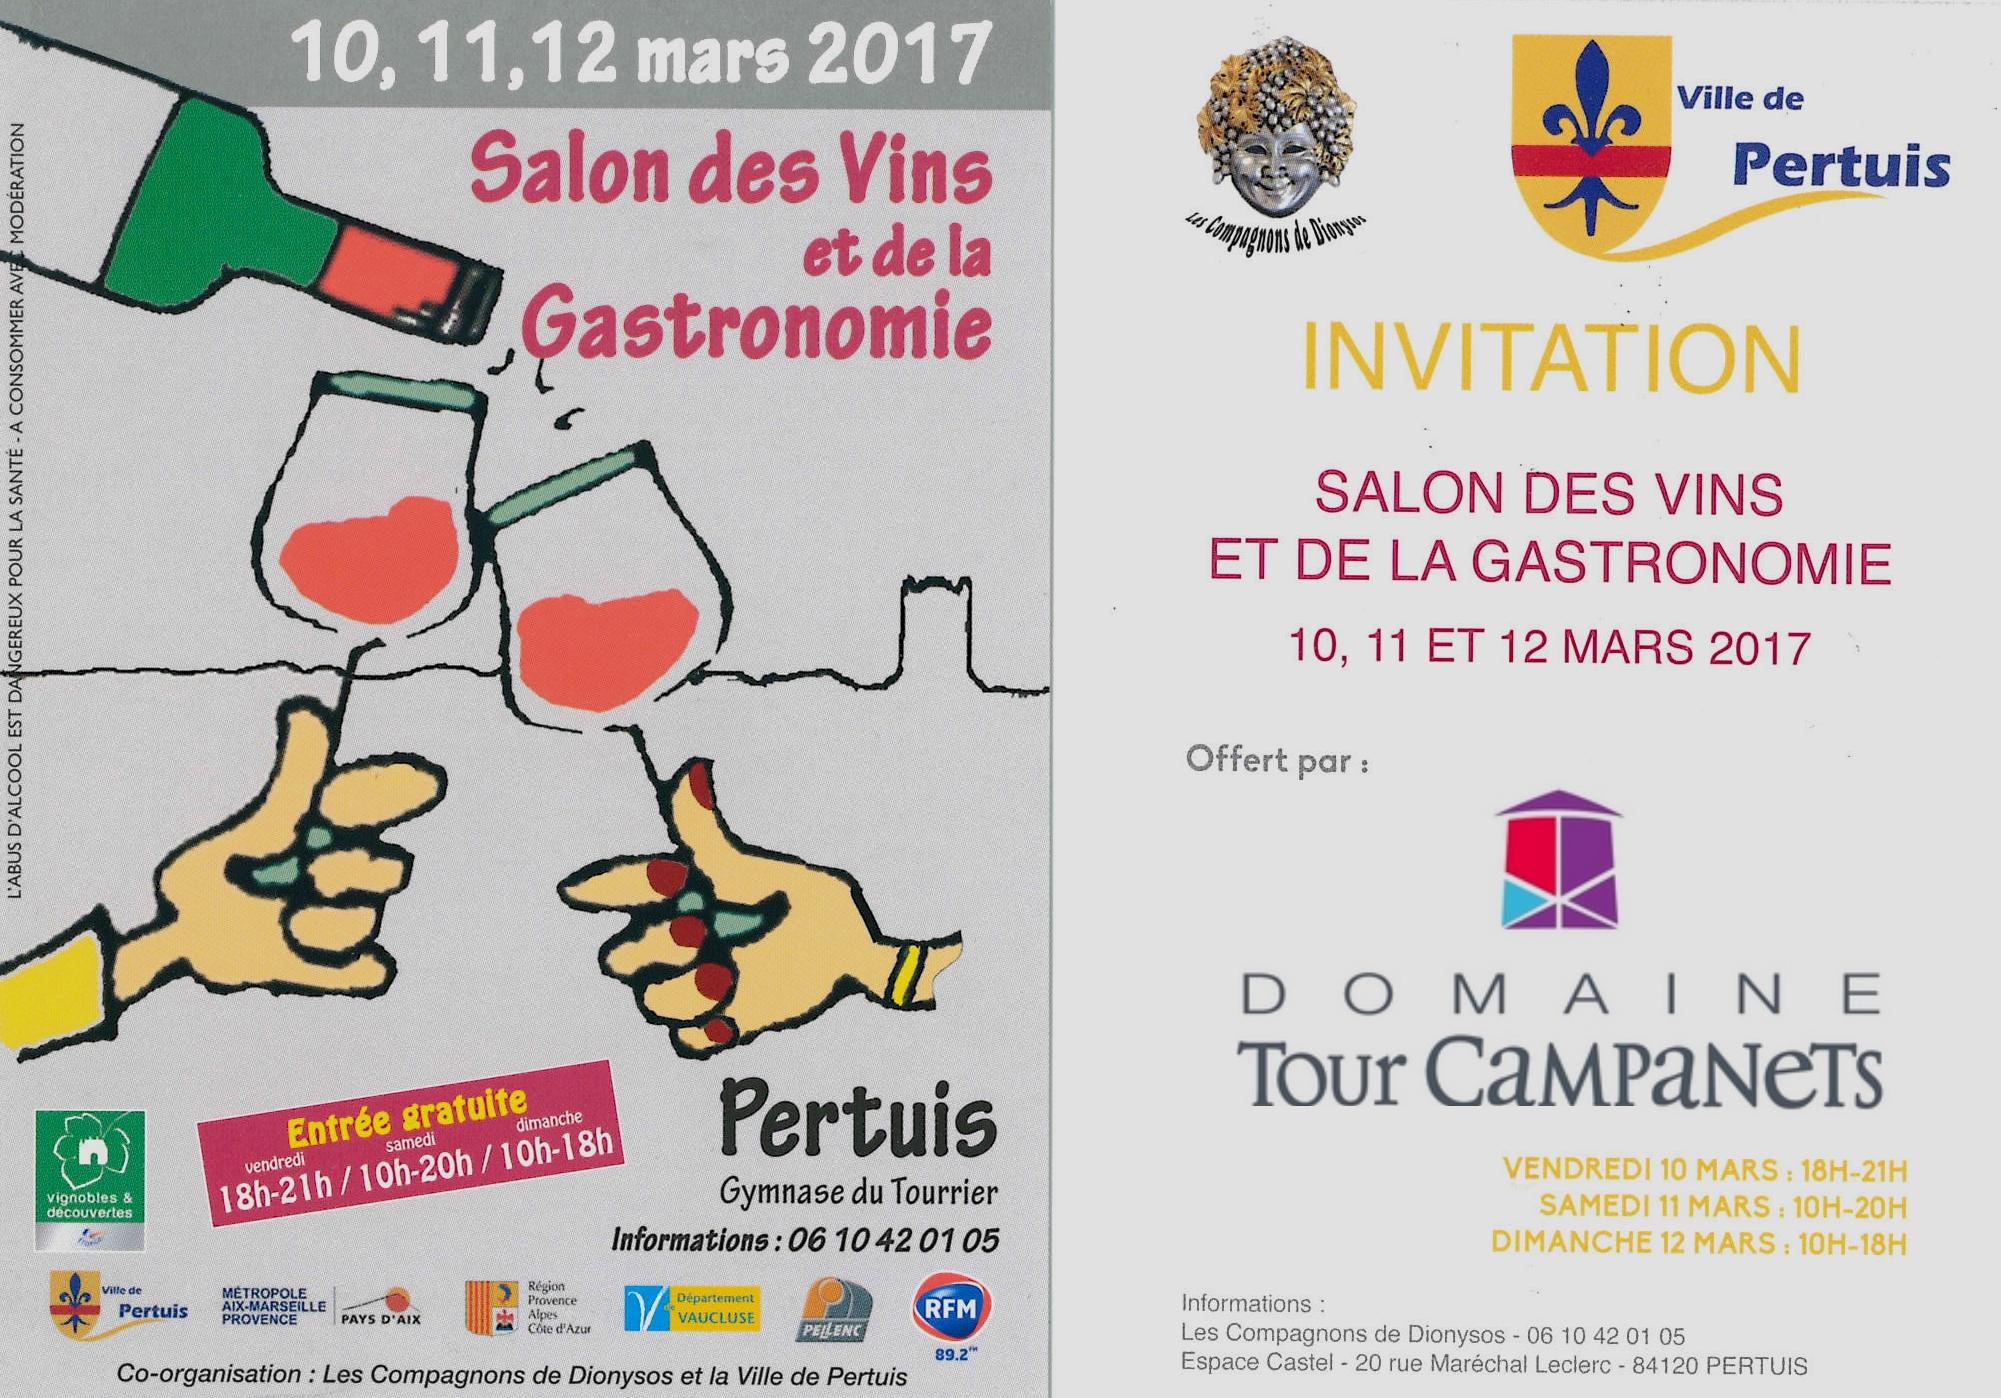 Actualit s domaine tour campanets vins ros de for Salon des vins et de la gastronomie